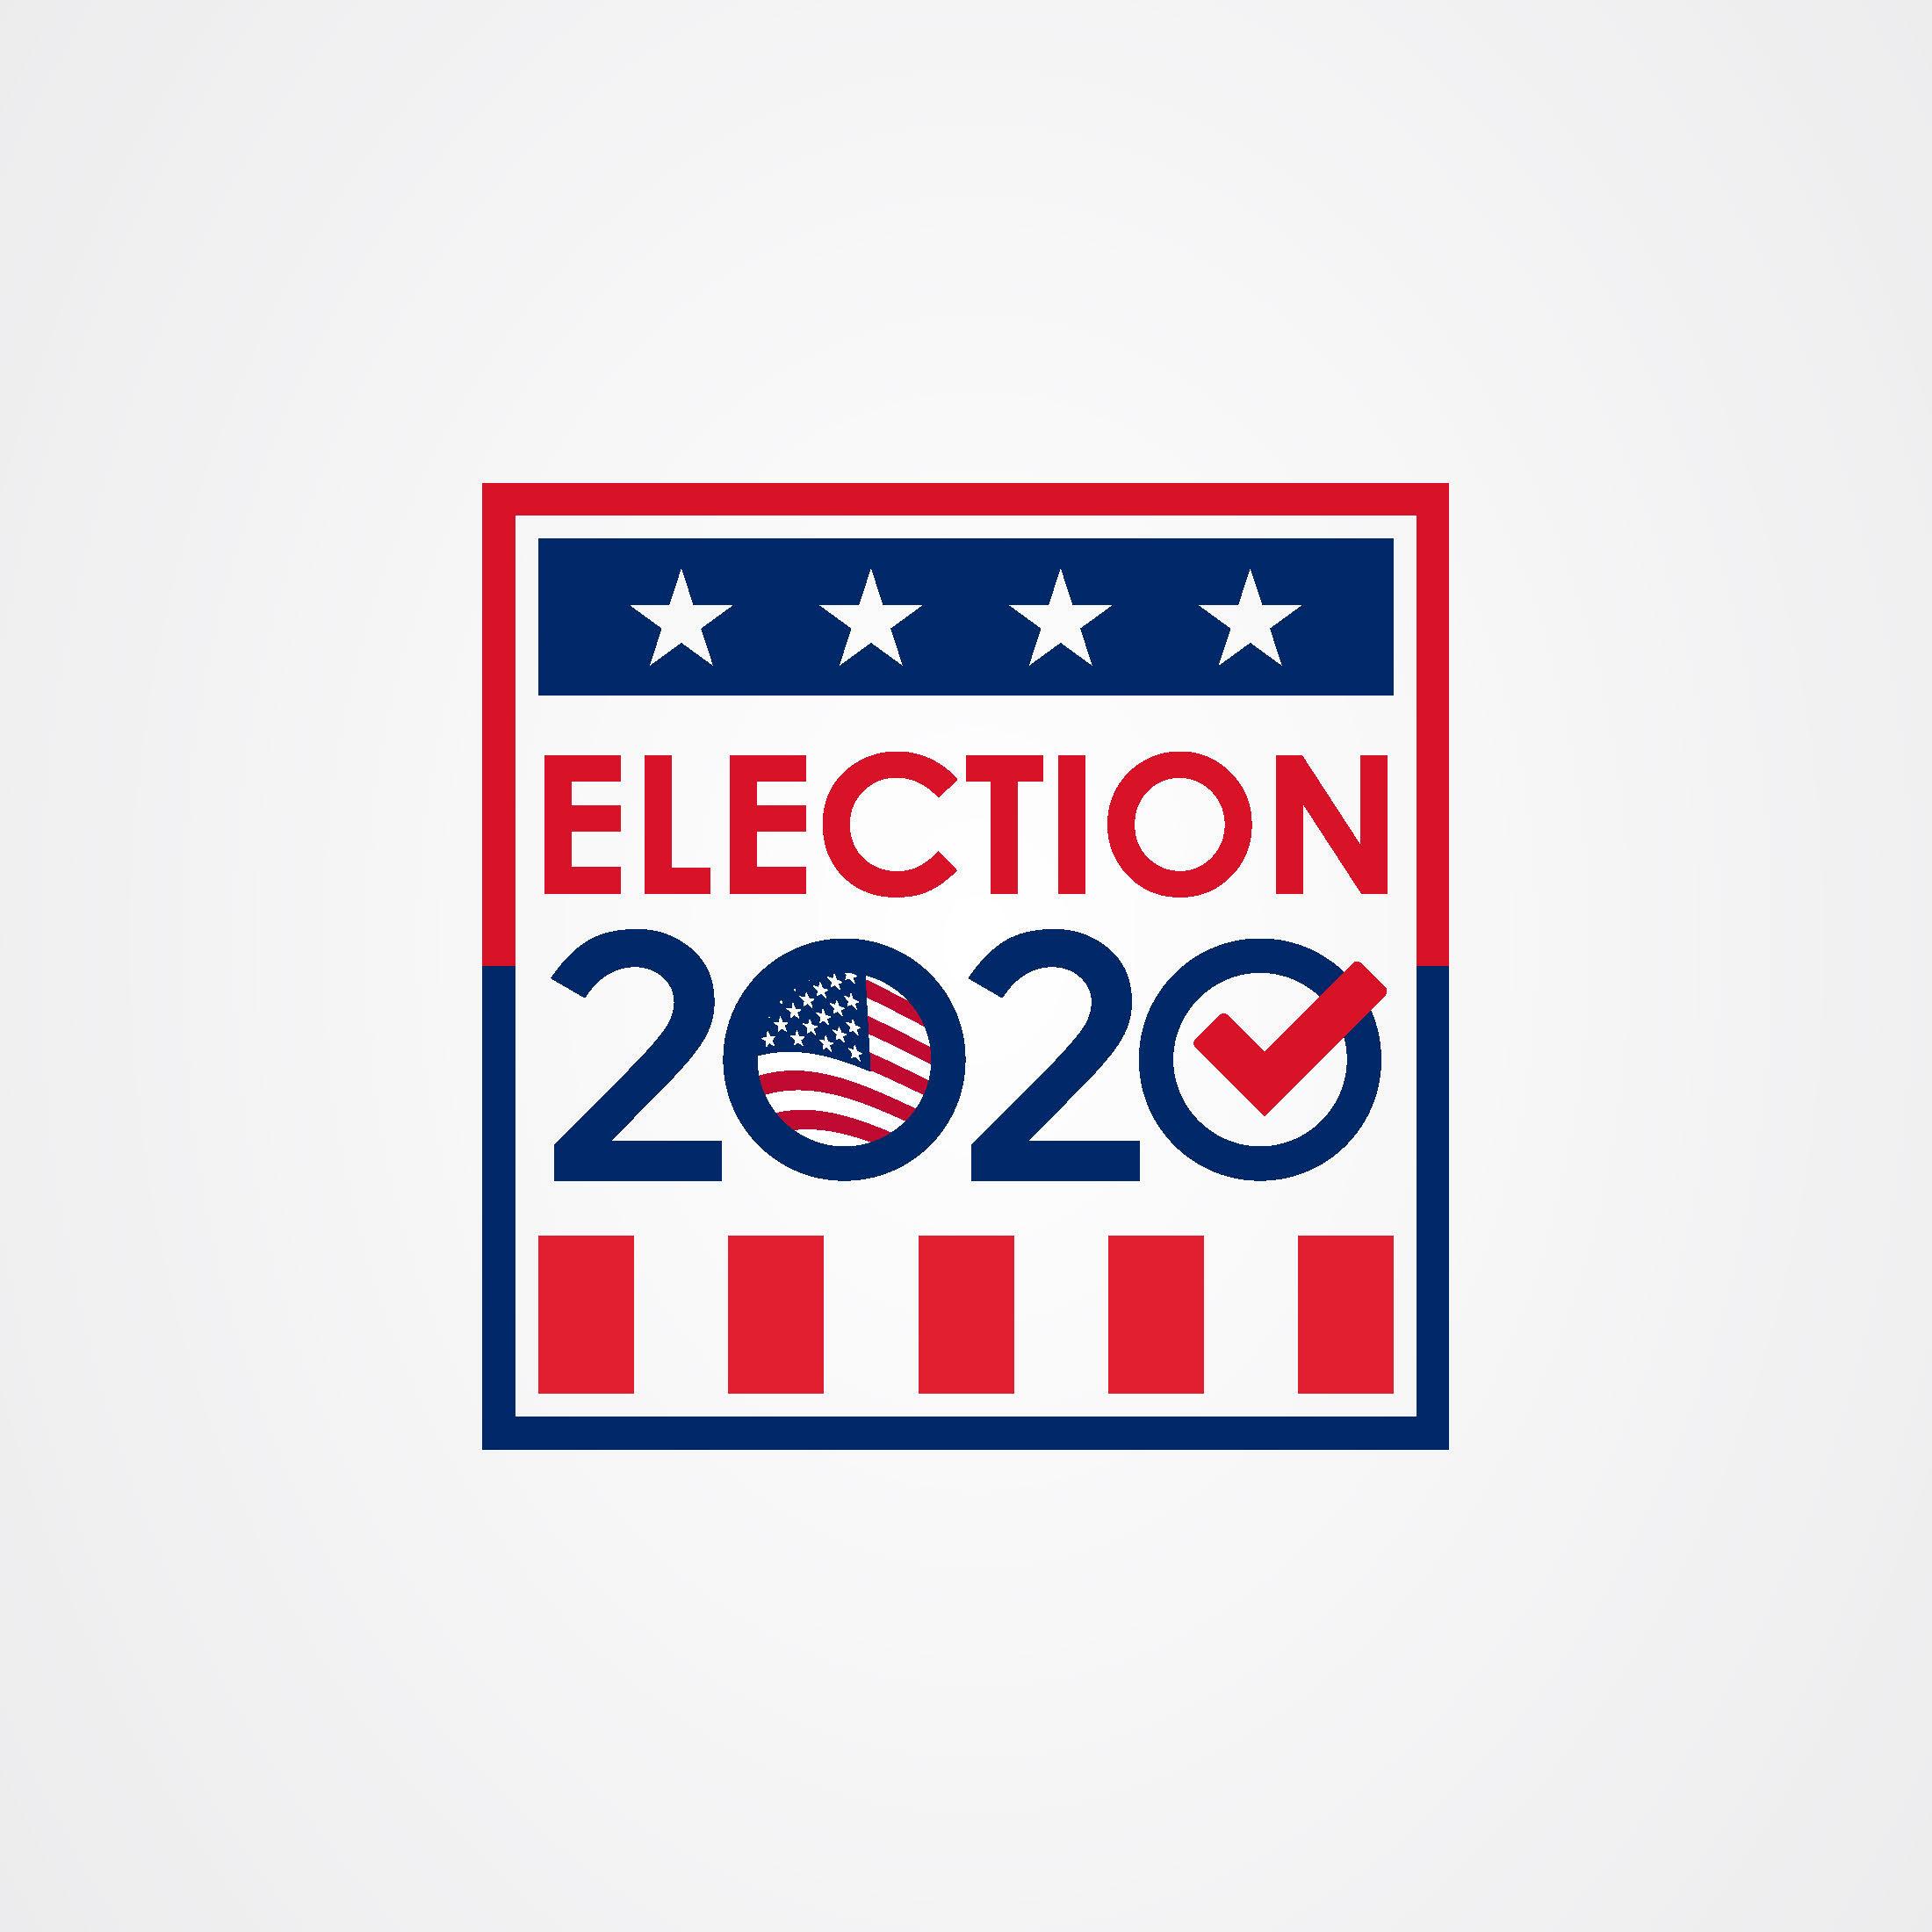 002_election-2020-IlloiStock-1196641854